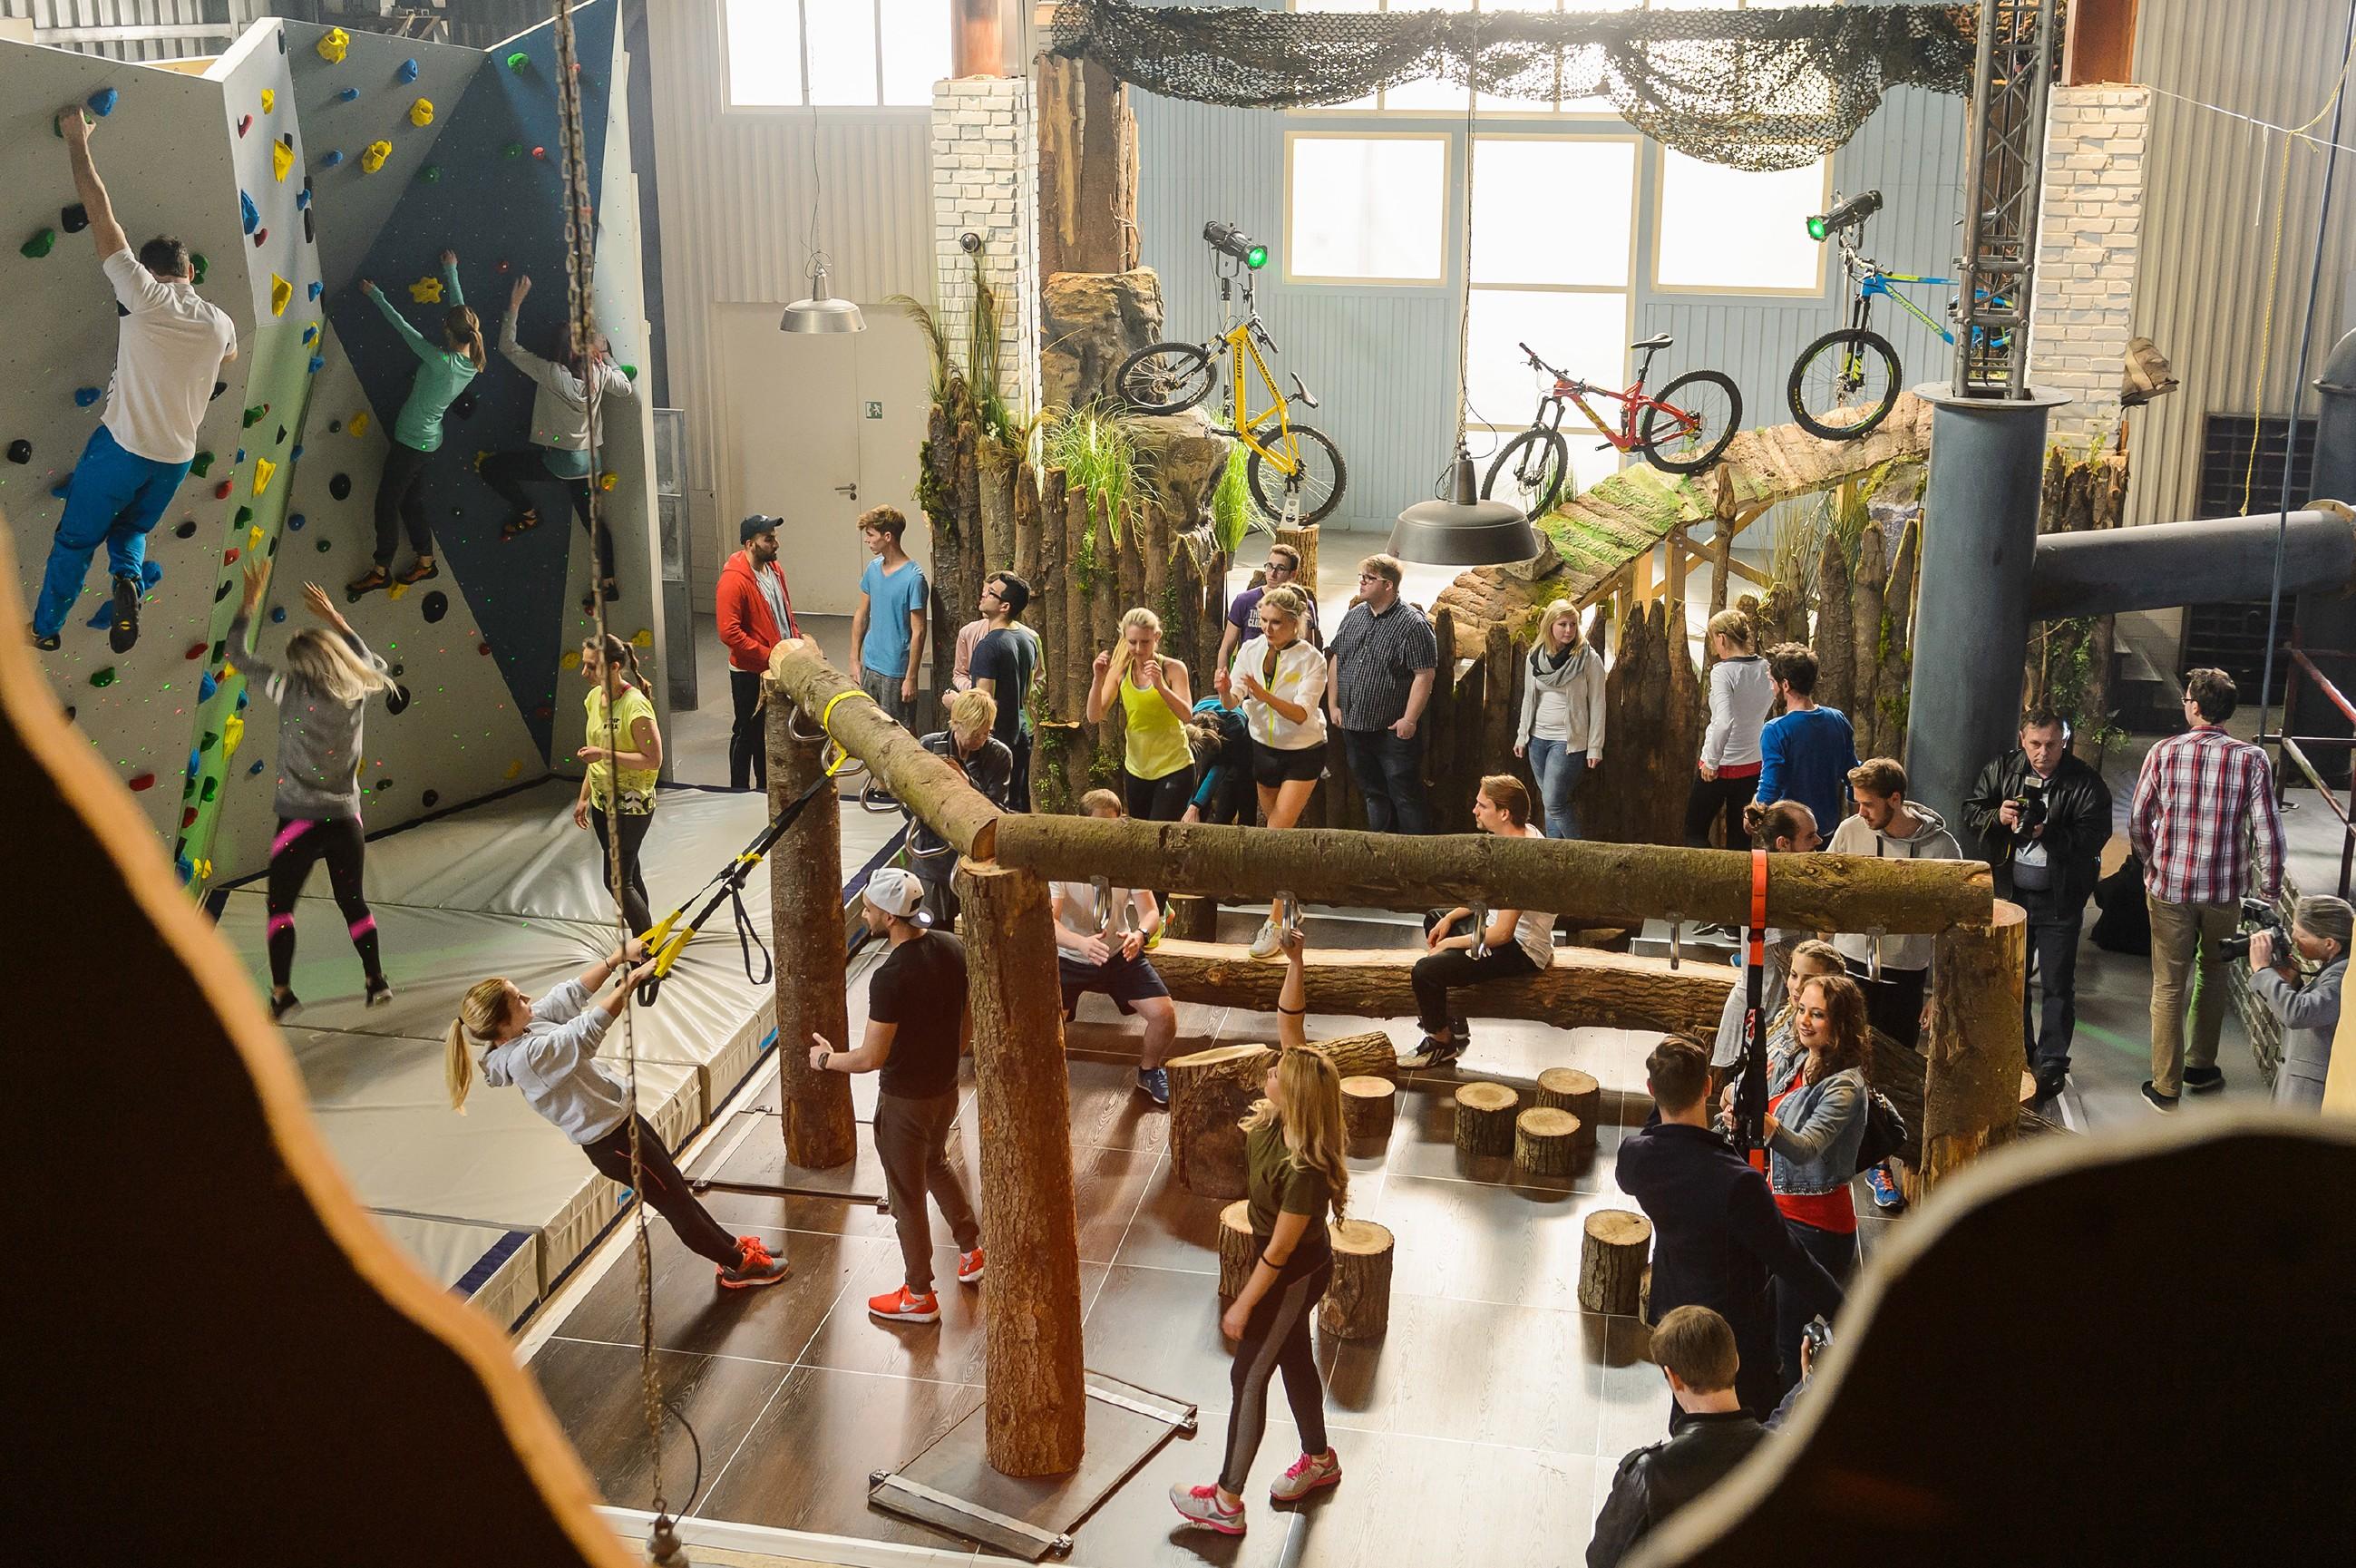 """Stolz eröffnet Deniz das Pumpwerk und stellt dem Publikum die Einrichtung und das Konzept """"Fitness ohne Maschinen"""" vor. (Quelle: RTL / Willi Weber)"""